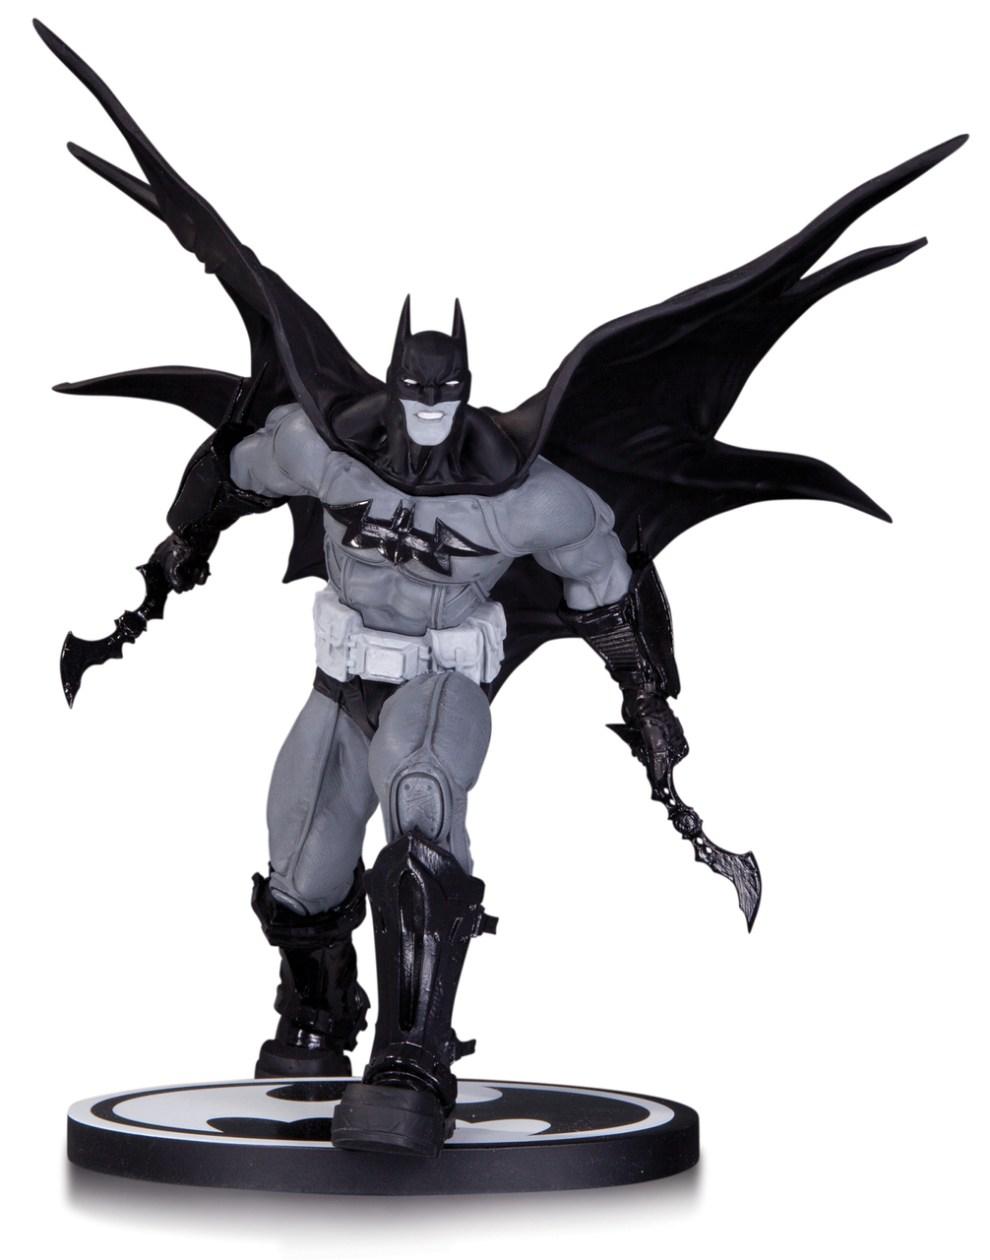 BATMAN BLACK & WHITE STATUE BATMAN BY DANDA $79.95